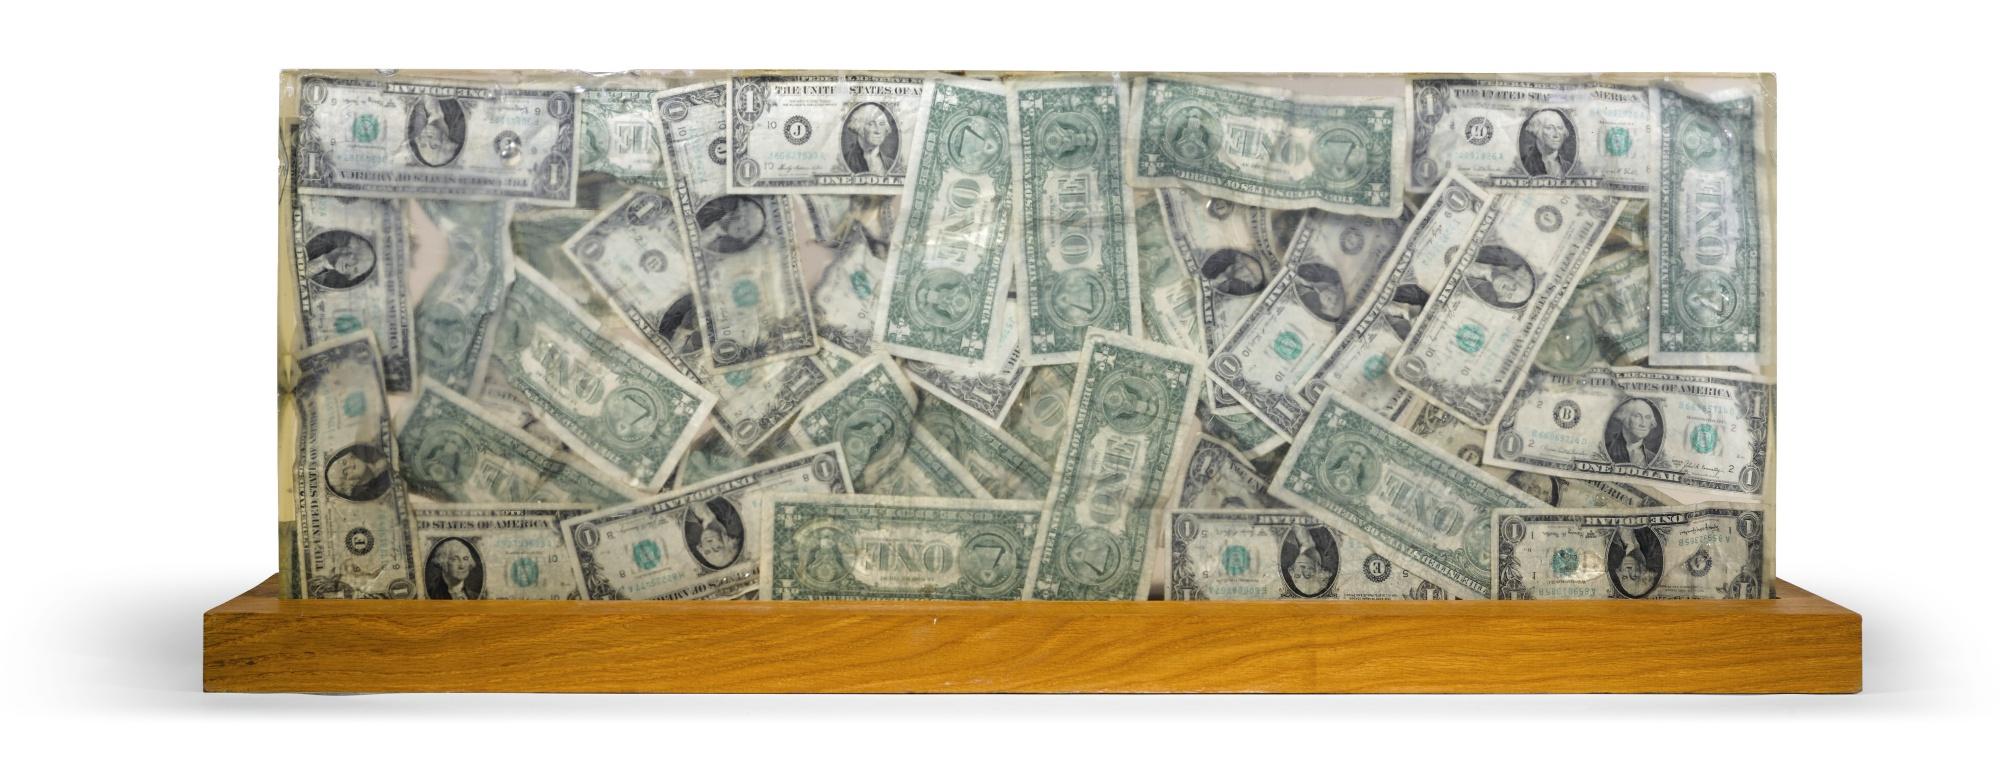 Arman-Stele Aux Dollars-1973